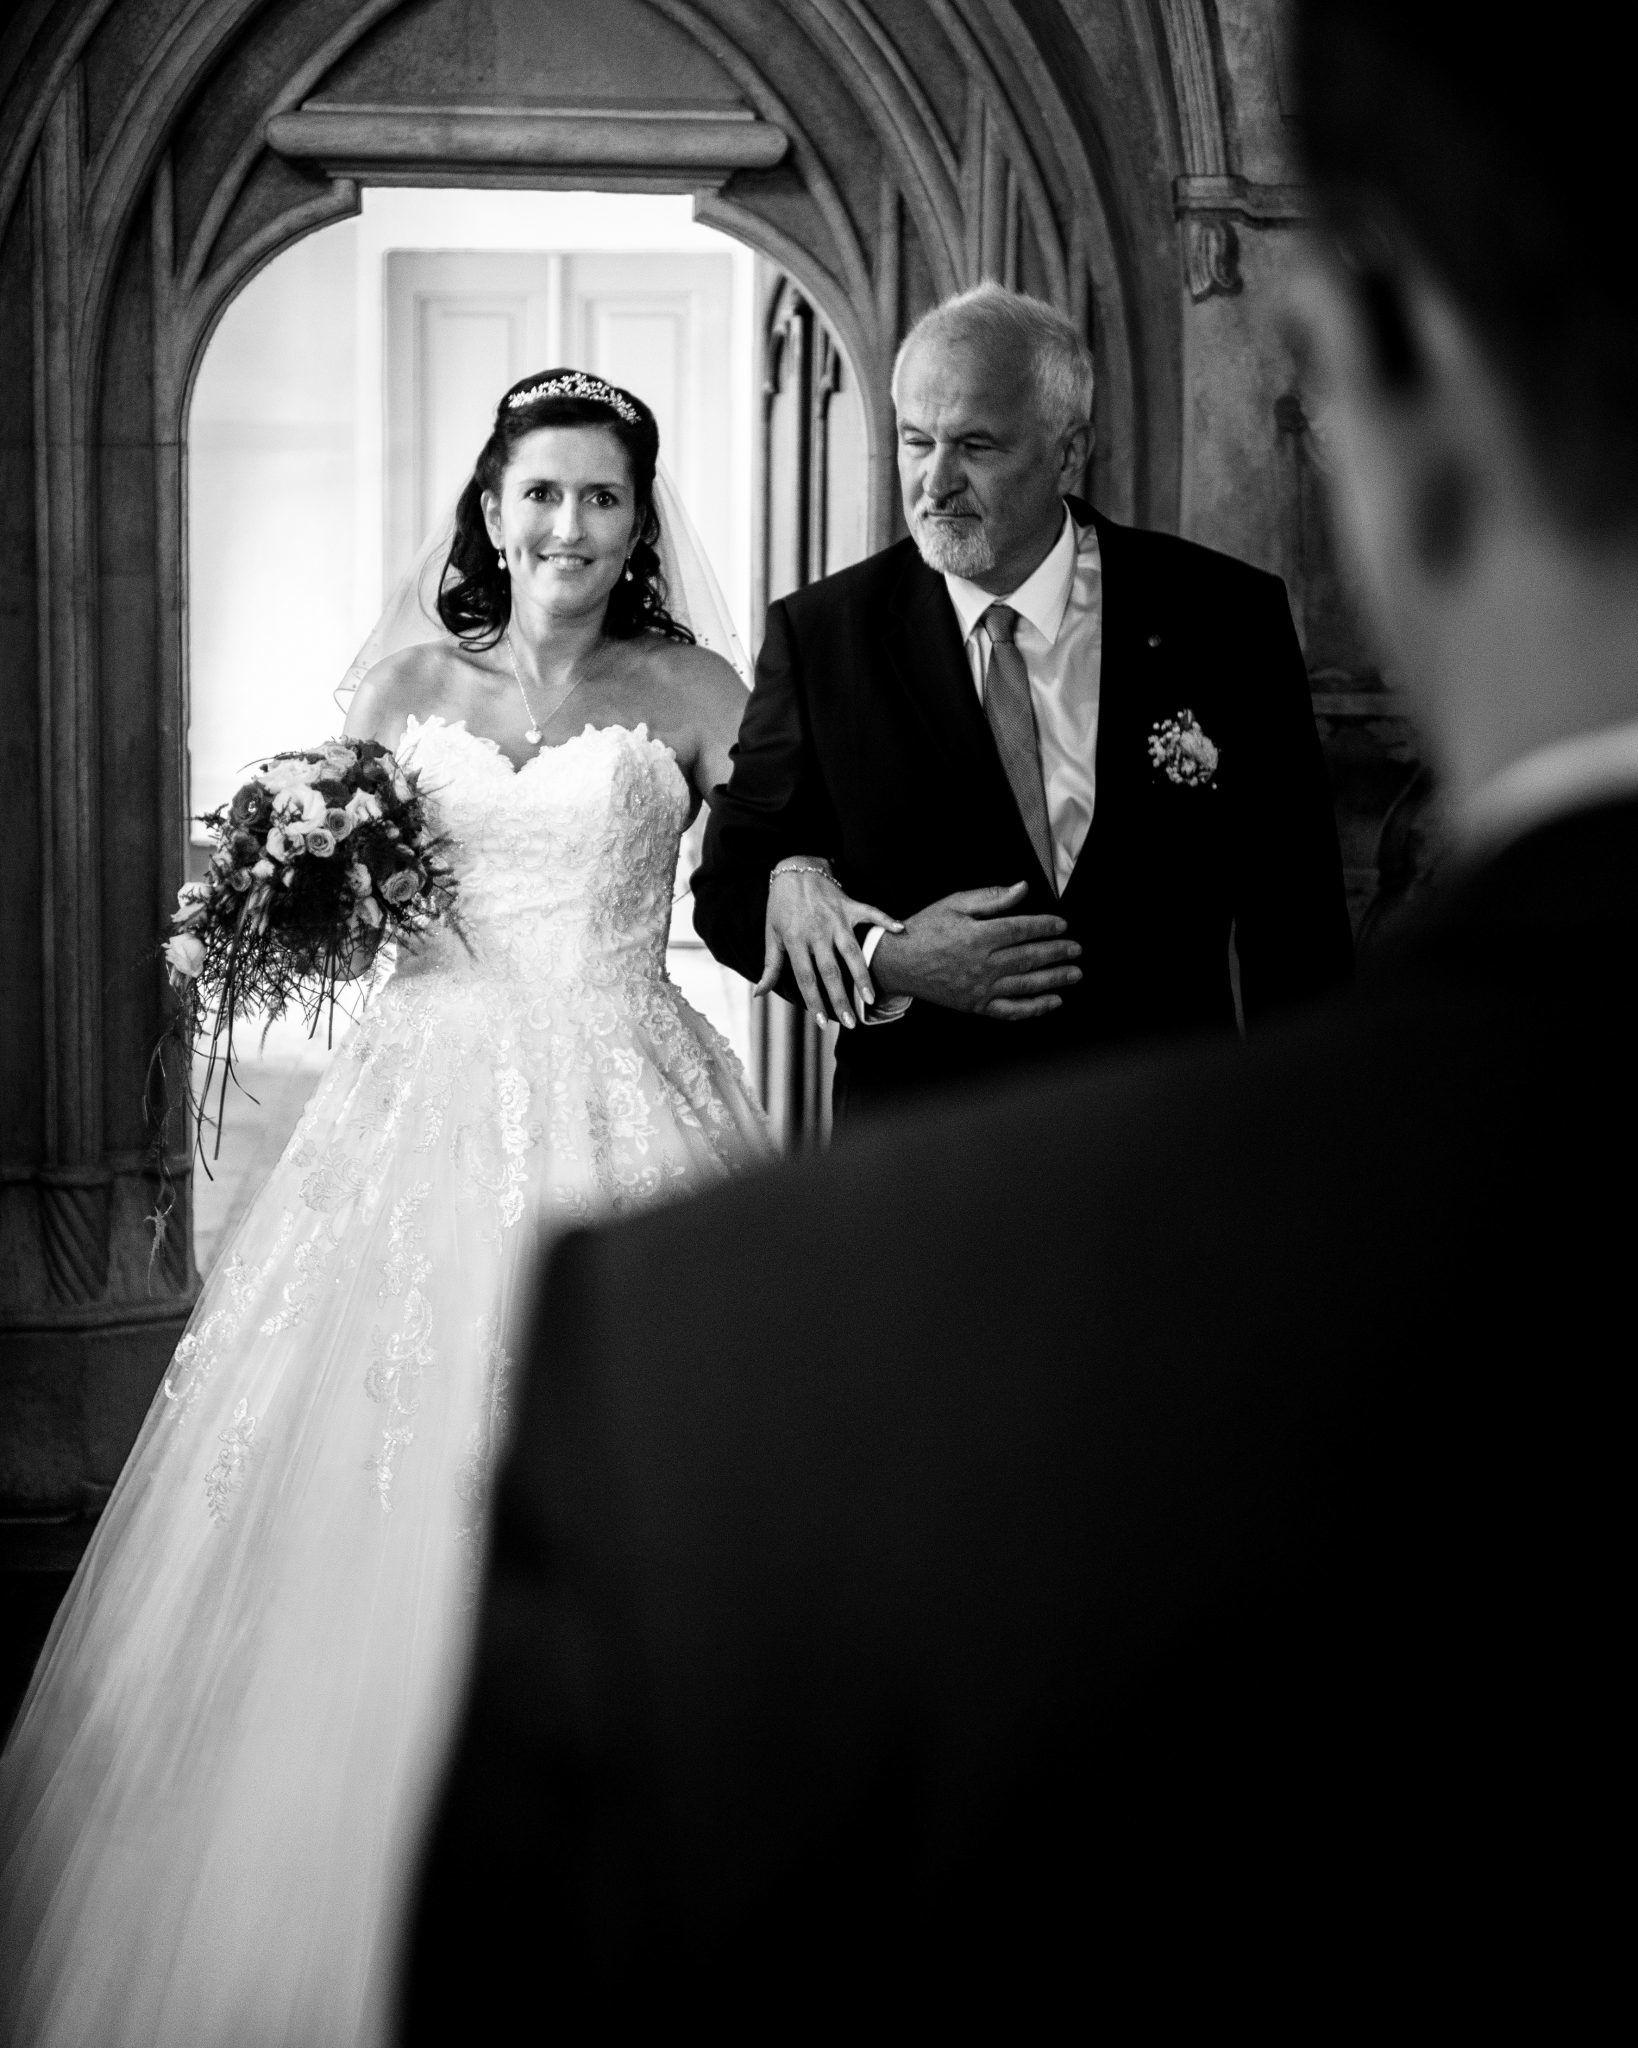 Hochzeit Trauung Fotograf Leipzig Sachsen Hochzeitsfotos